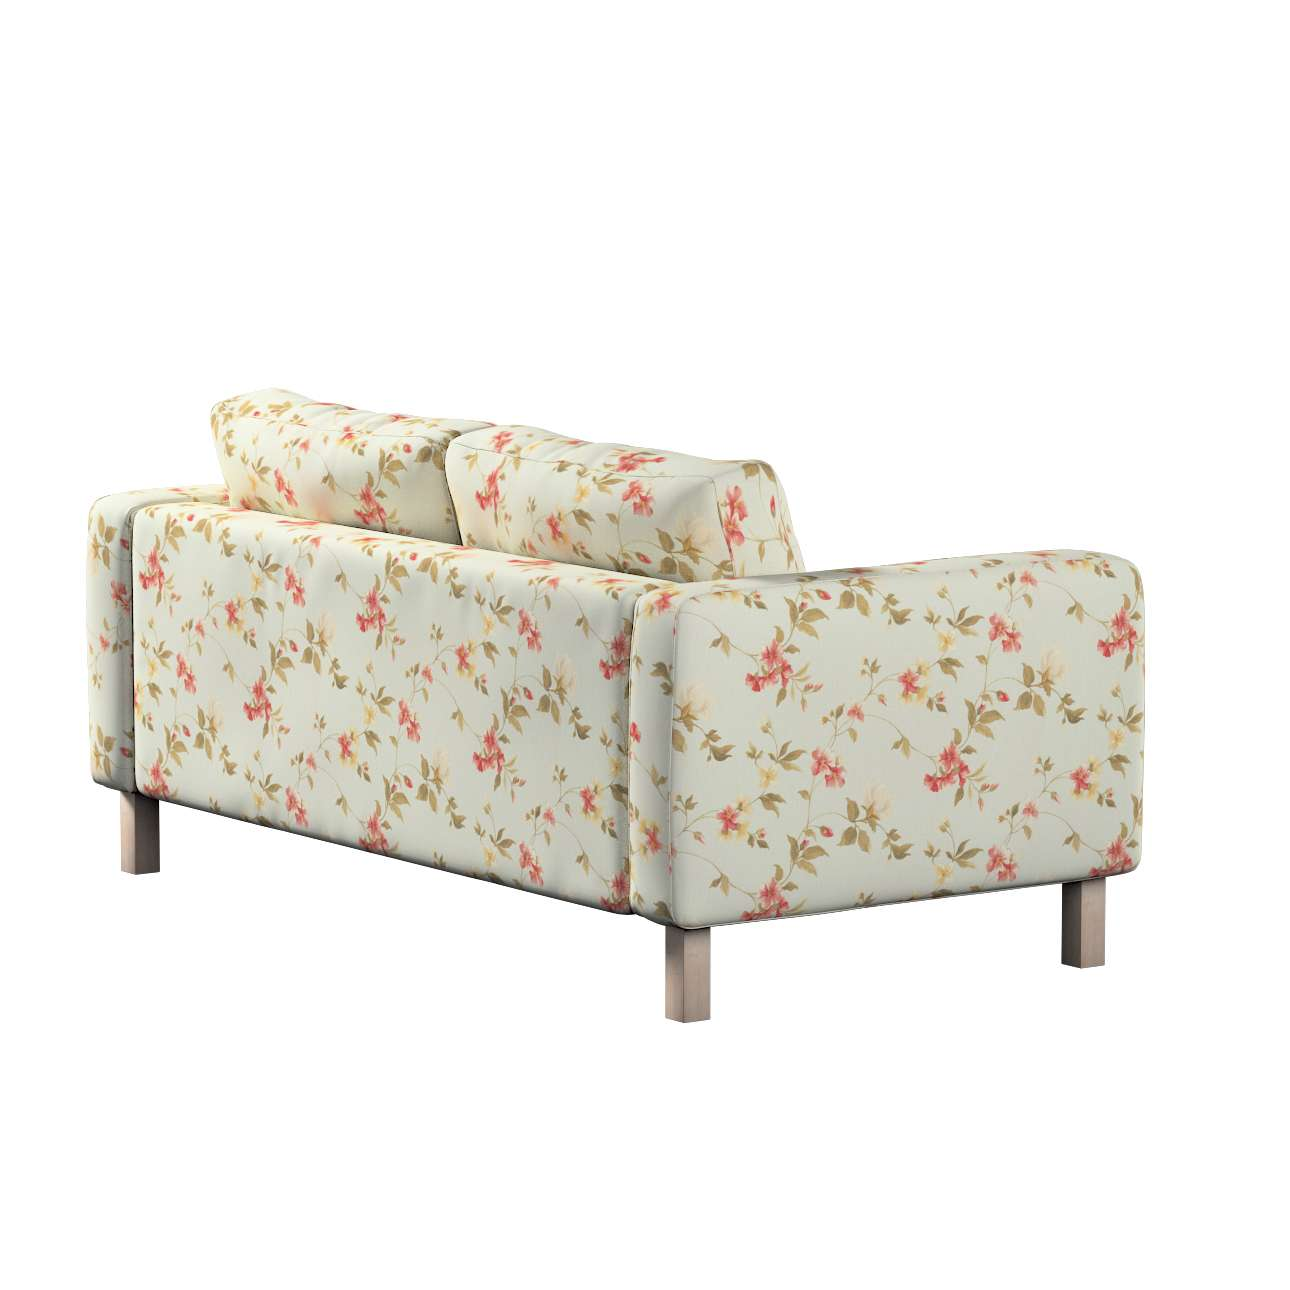 Pokrowiec na sofę Karlstad 2-osobową nierozkładaną krótki w kolekcji Londres, tkanina: 124-65